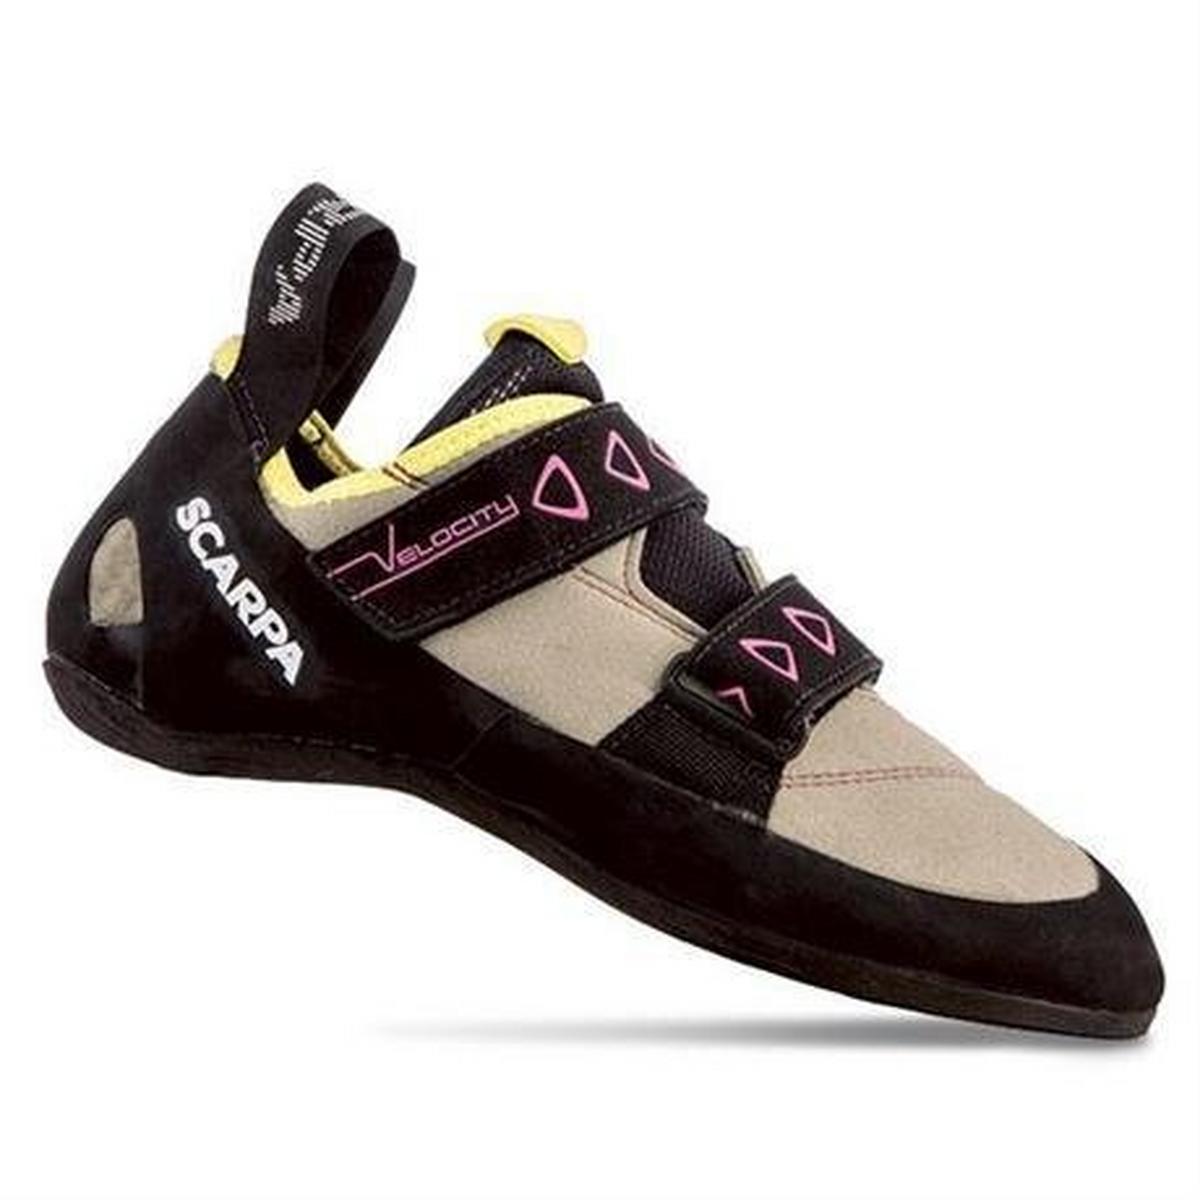 Scarpa Rock Shoes Women's Velocity V Lady